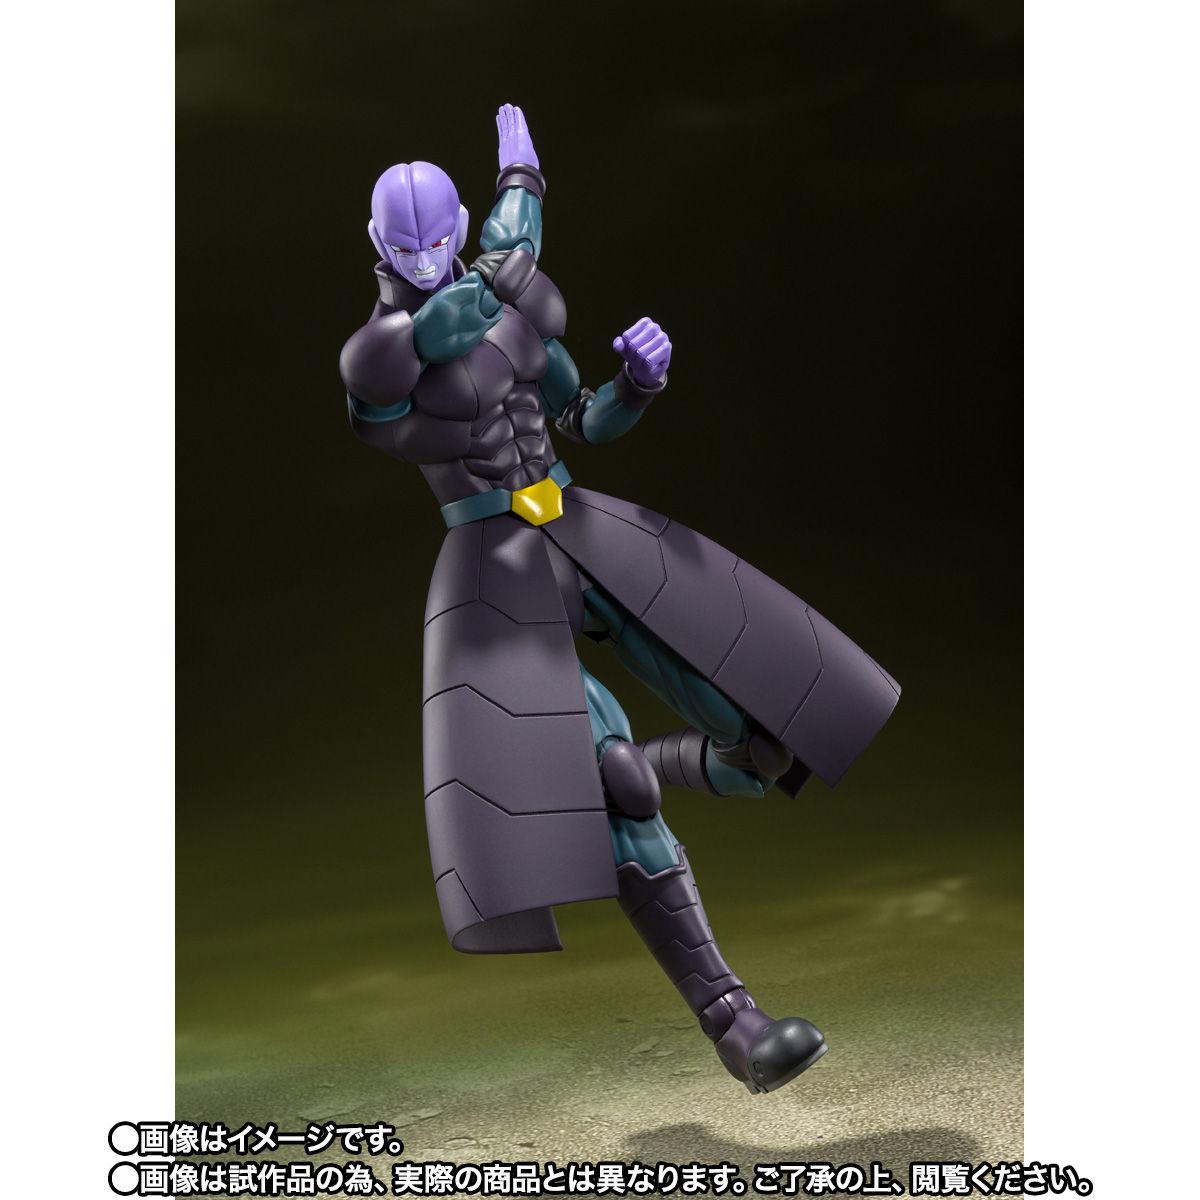 【限定販売】S.H.Figuarts『ヒット』ドラゴンボール超 可動フィギュア-005